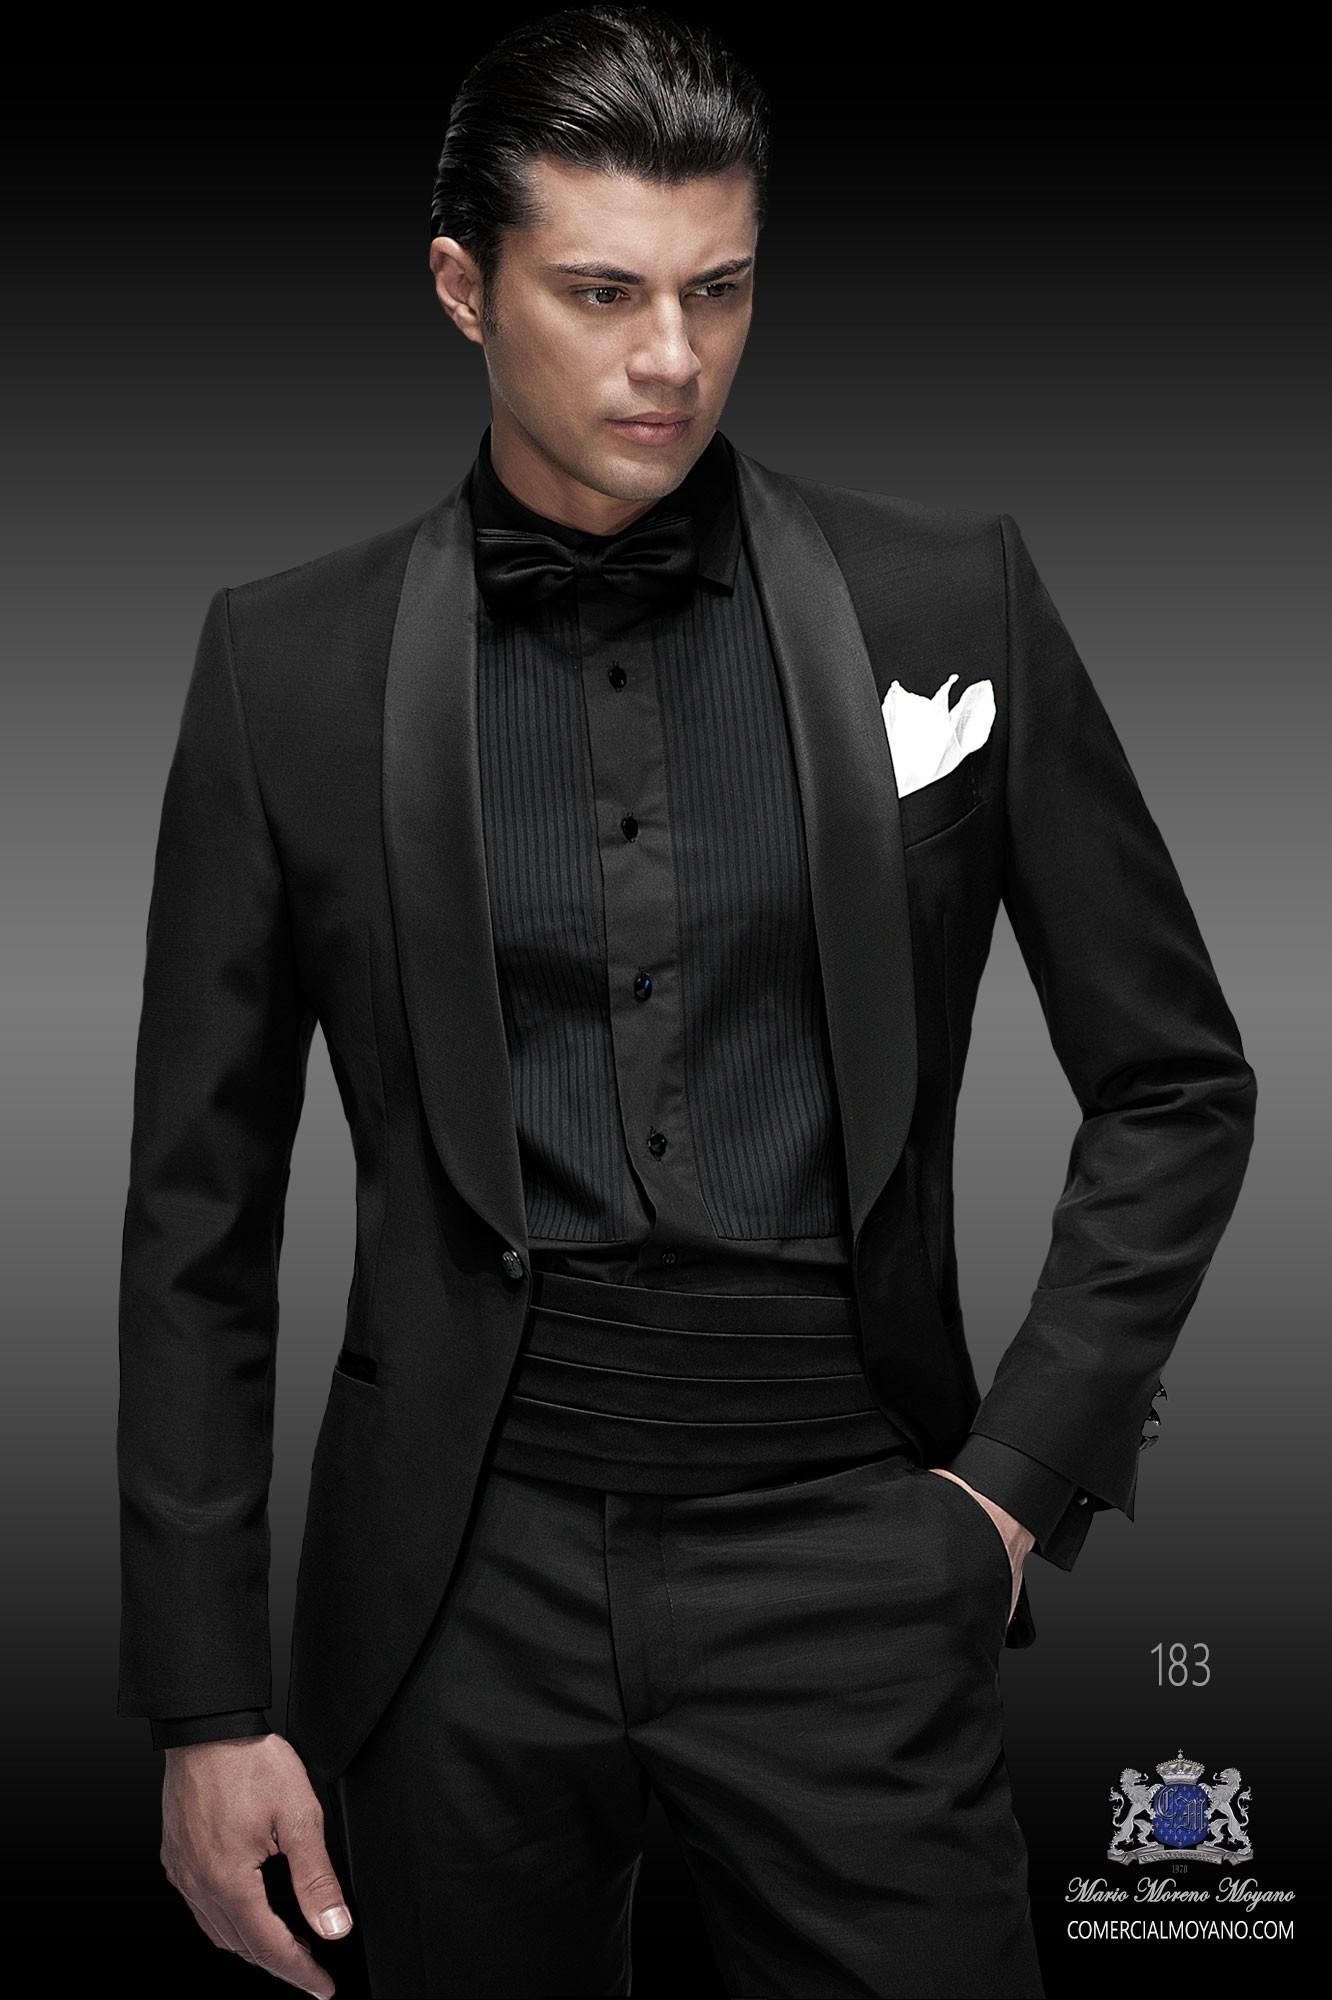 Traje de fiesta hombre negro modelo: 183 Ottavio Nuccio Gala colección Black Tie 2017